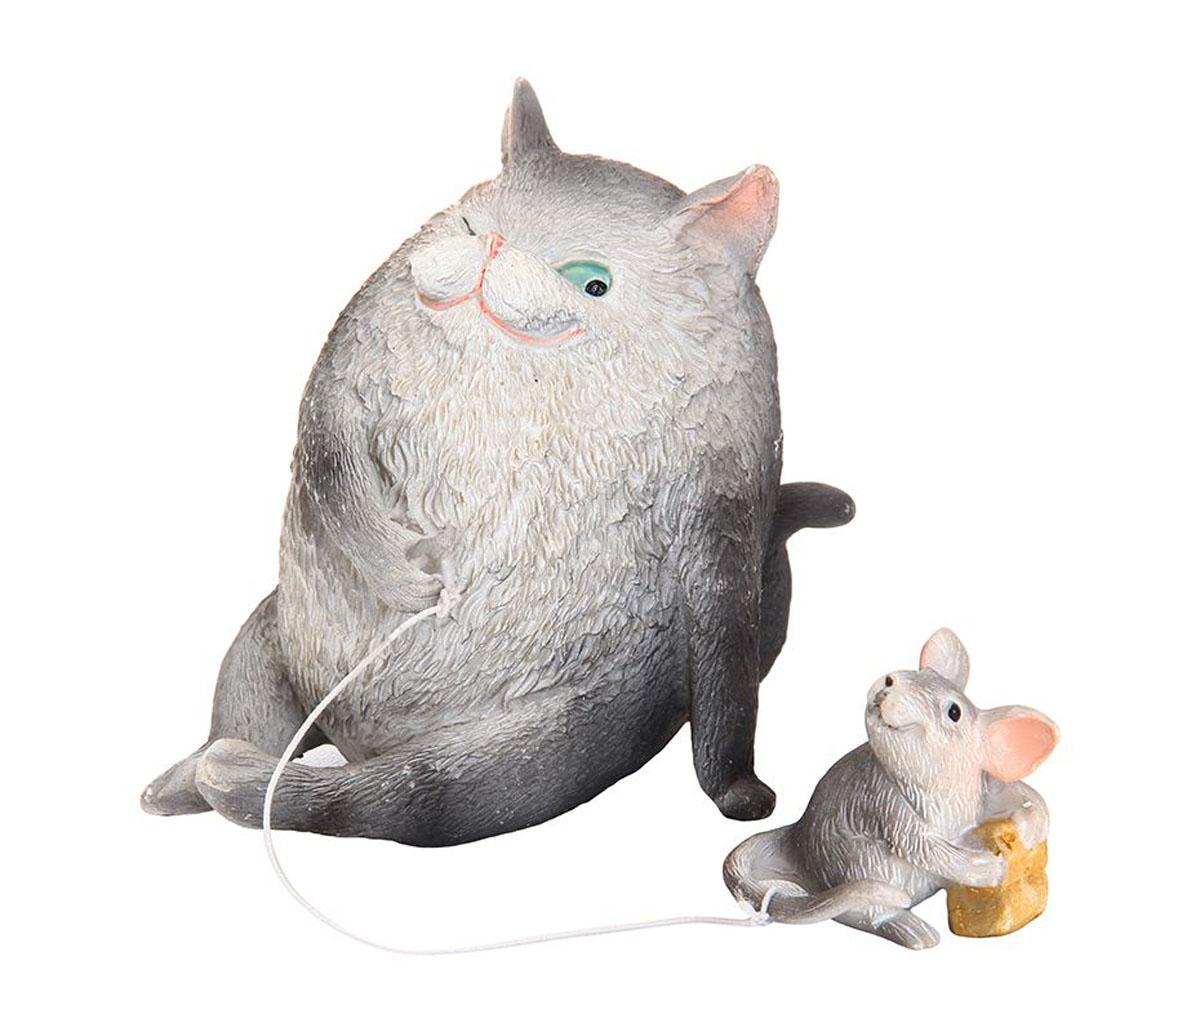 Фигурка декоративная Elan Gallery Кошки-мышки, высота 8 см700014Декоративная фигурка Elan Gallery Кошки-мышки, изготовленная из полистоуна, станет необычным аксессуаром для вашего интерьера. Эта очаровательная вещица станет отличным подарком вашим друзьям и близким.Размер фигурки: 6 х 8 х 8 см.